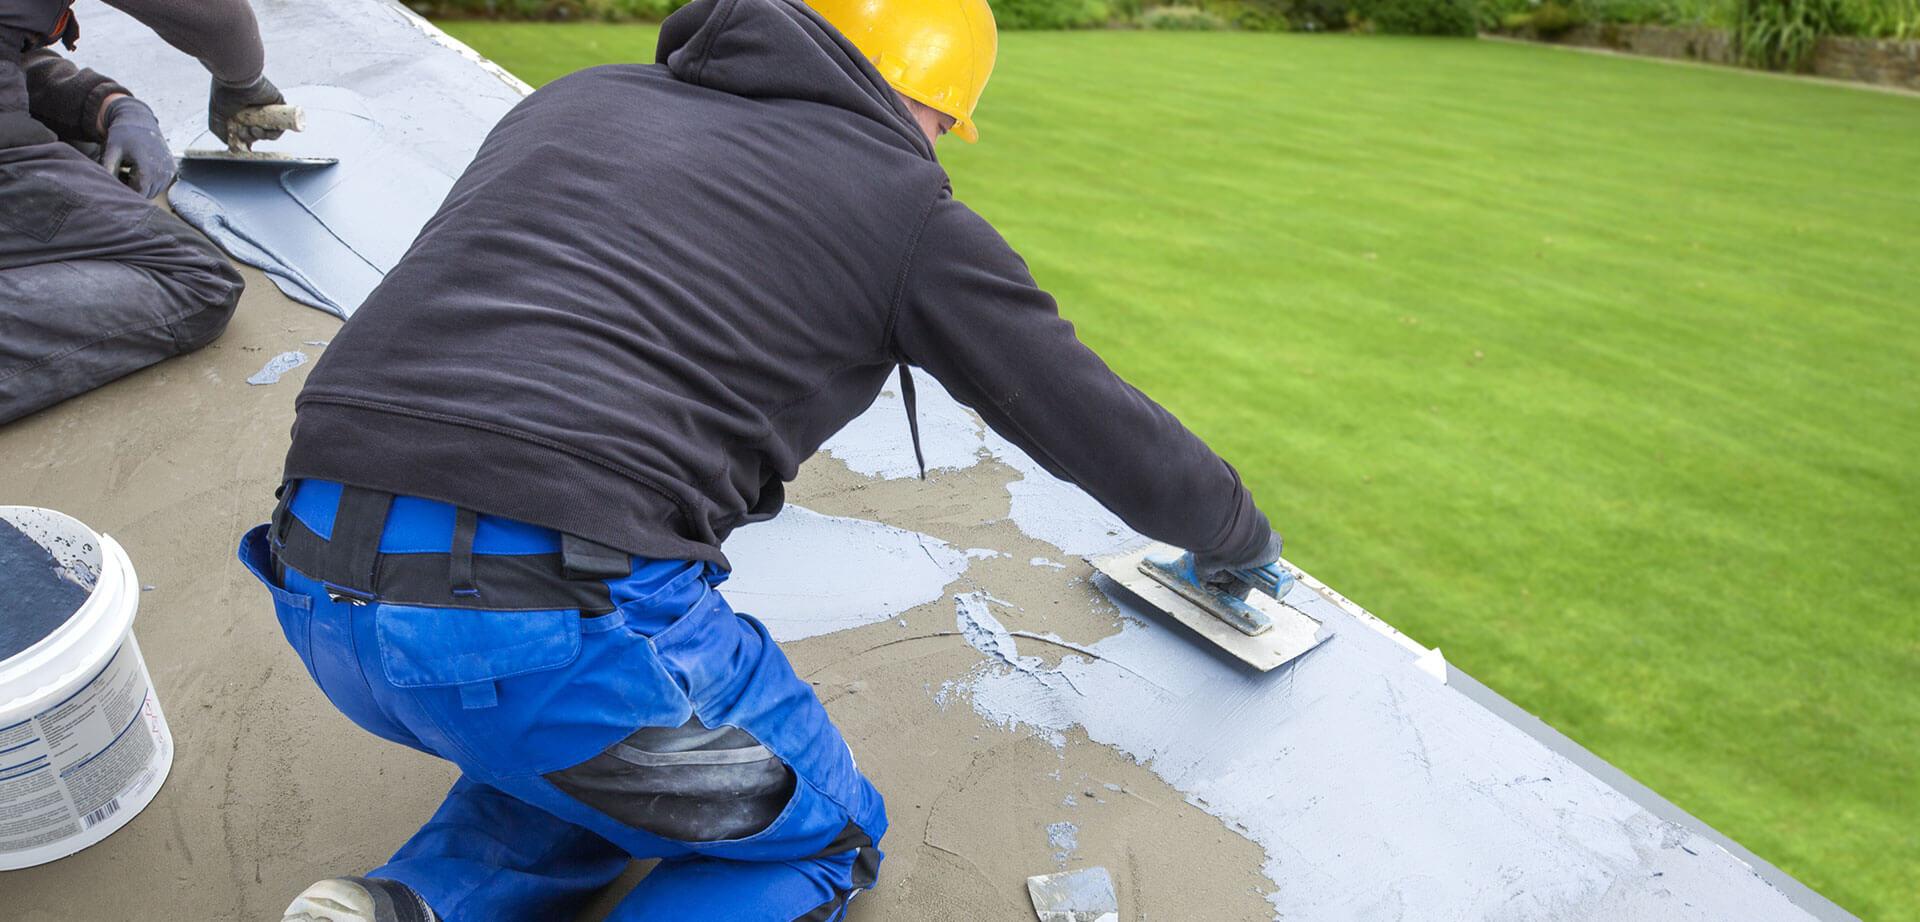 טכניקות מומלצות לסיוד גגות